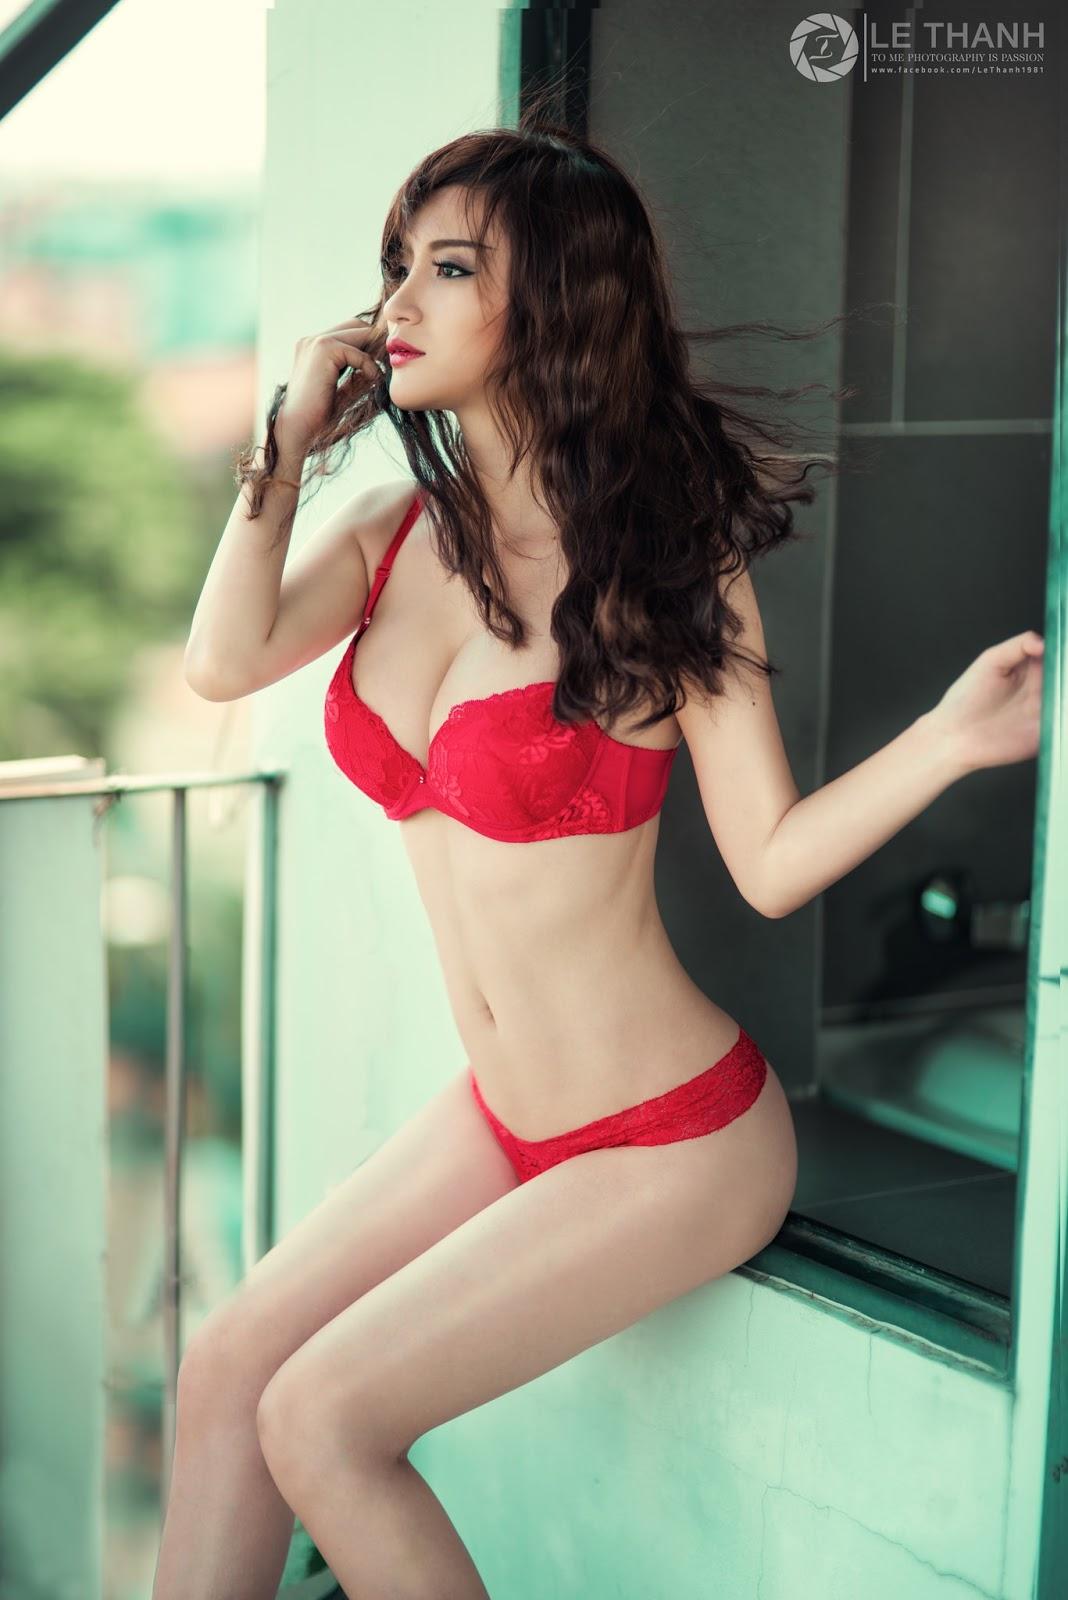 Gái xinh diện bikini đỏ nóng hừng hực